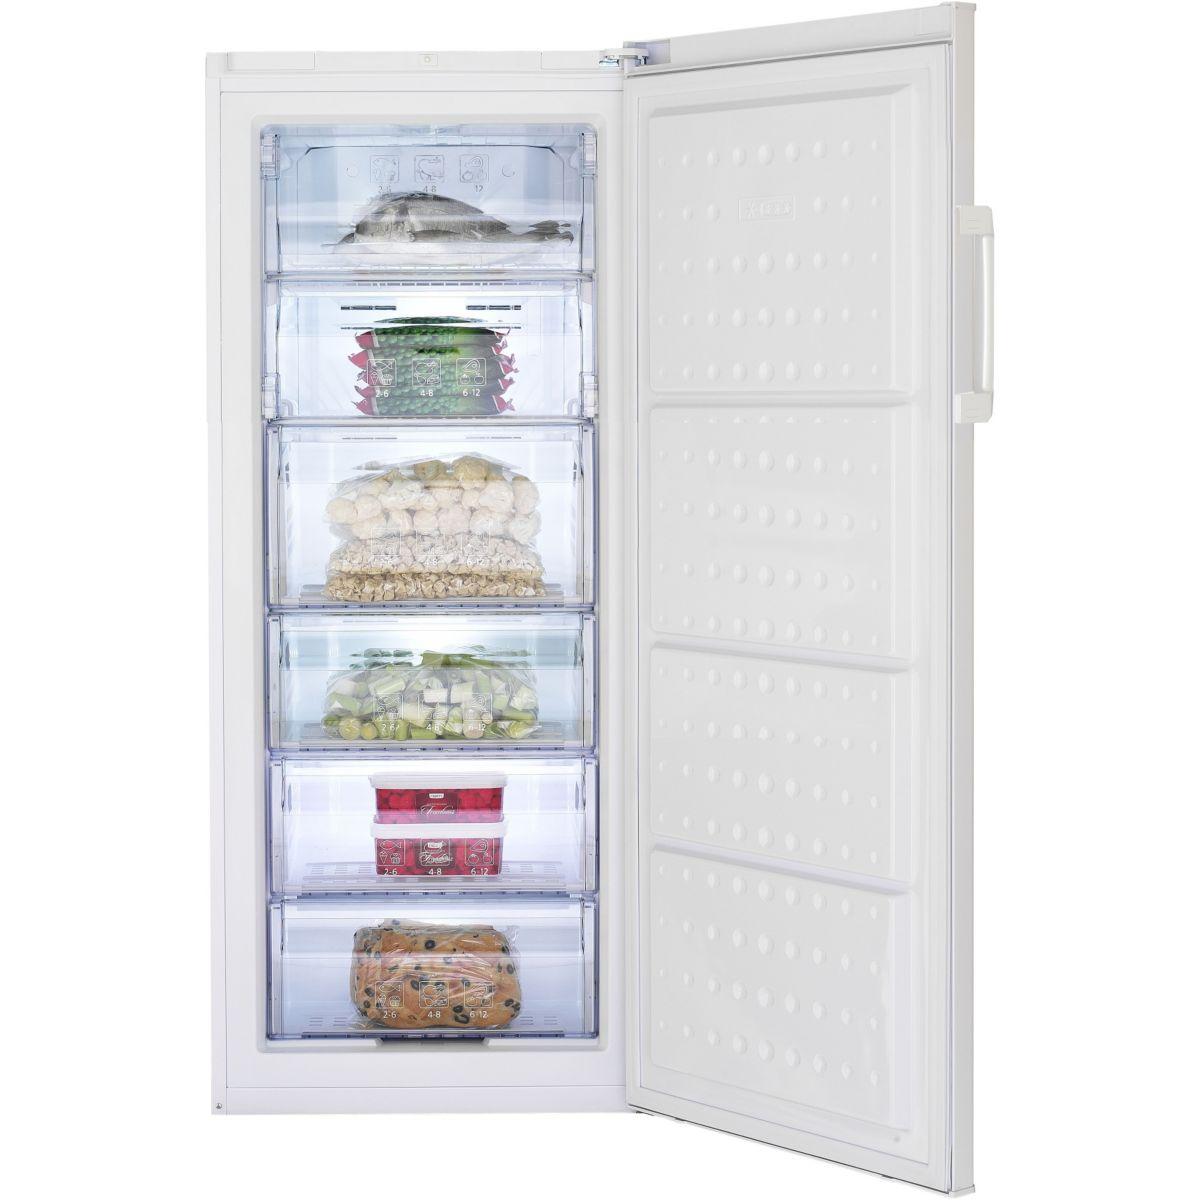 Cong lateur armoire beko ex fne127 214 litres ebay - Congelateur armoire froid ventile beko fne ...